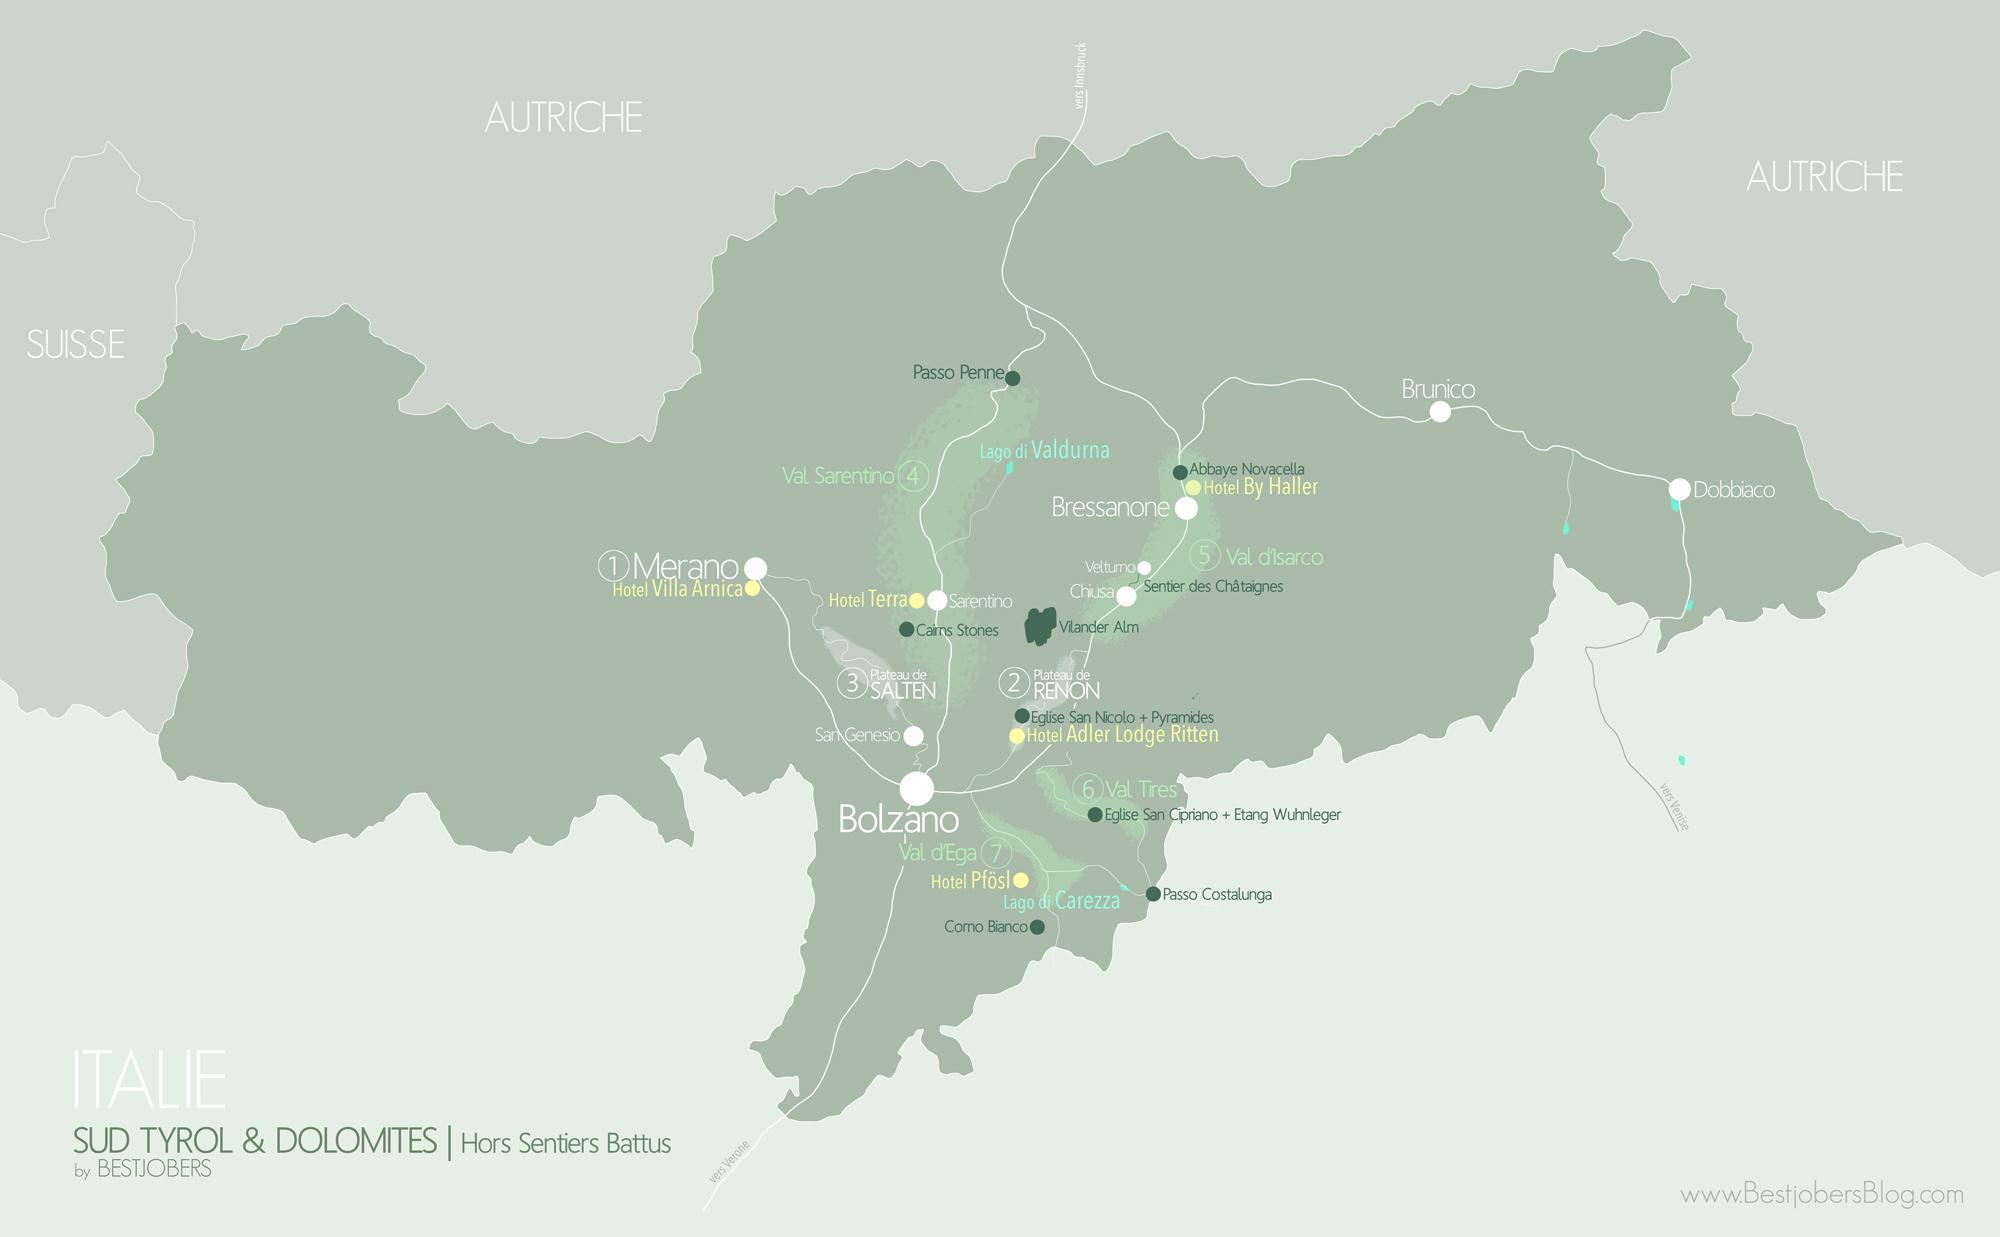 Carte Sud Tyrol/Dolomites